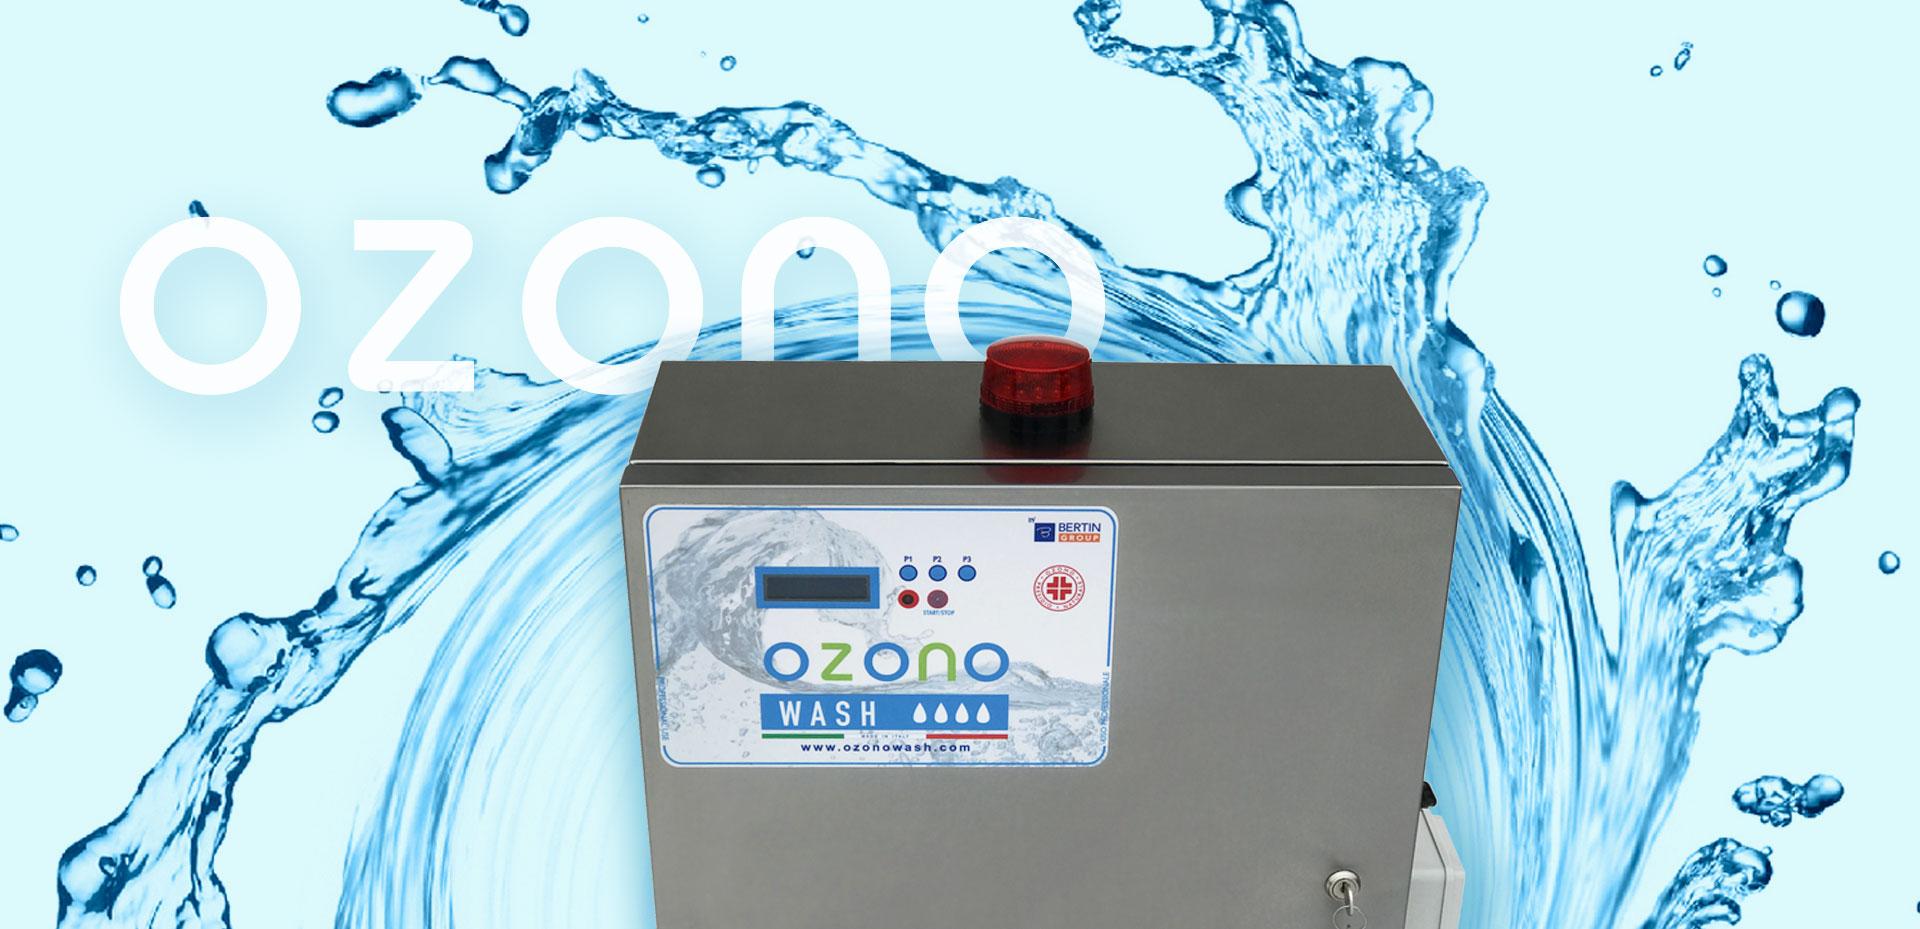 Ozono Wash